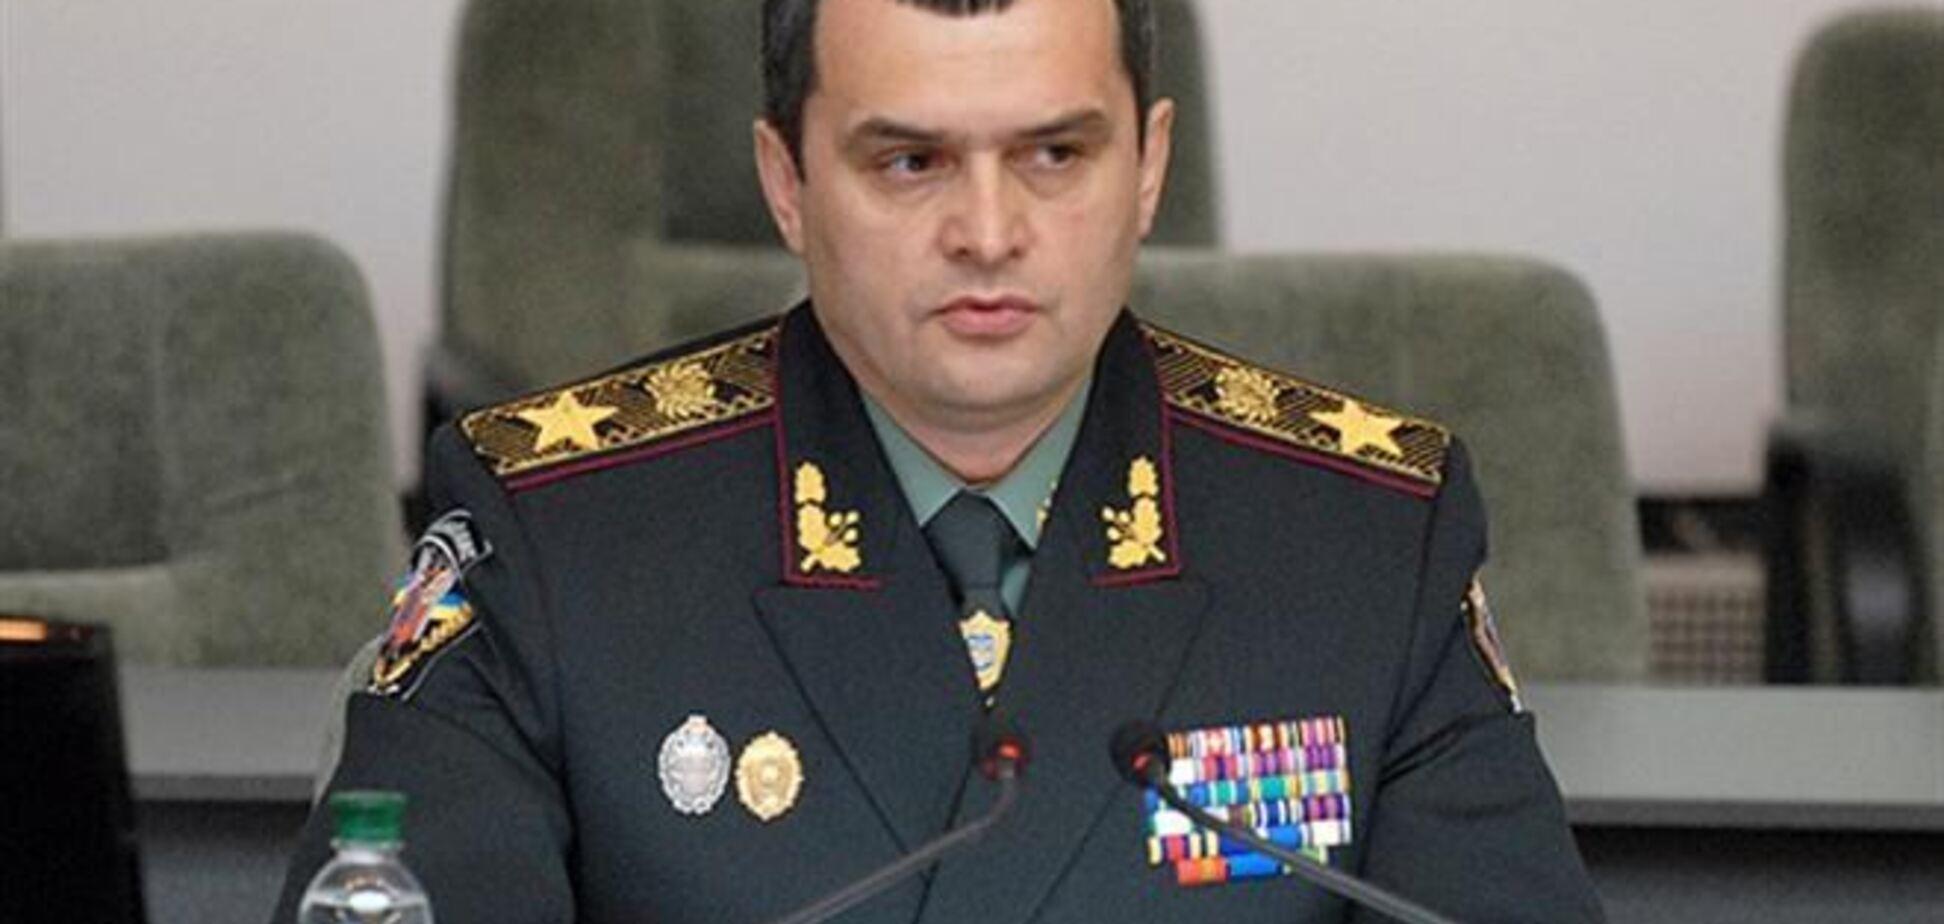 Захарченко обвинил в провокациях на Евромайдане ультраправых боевиков